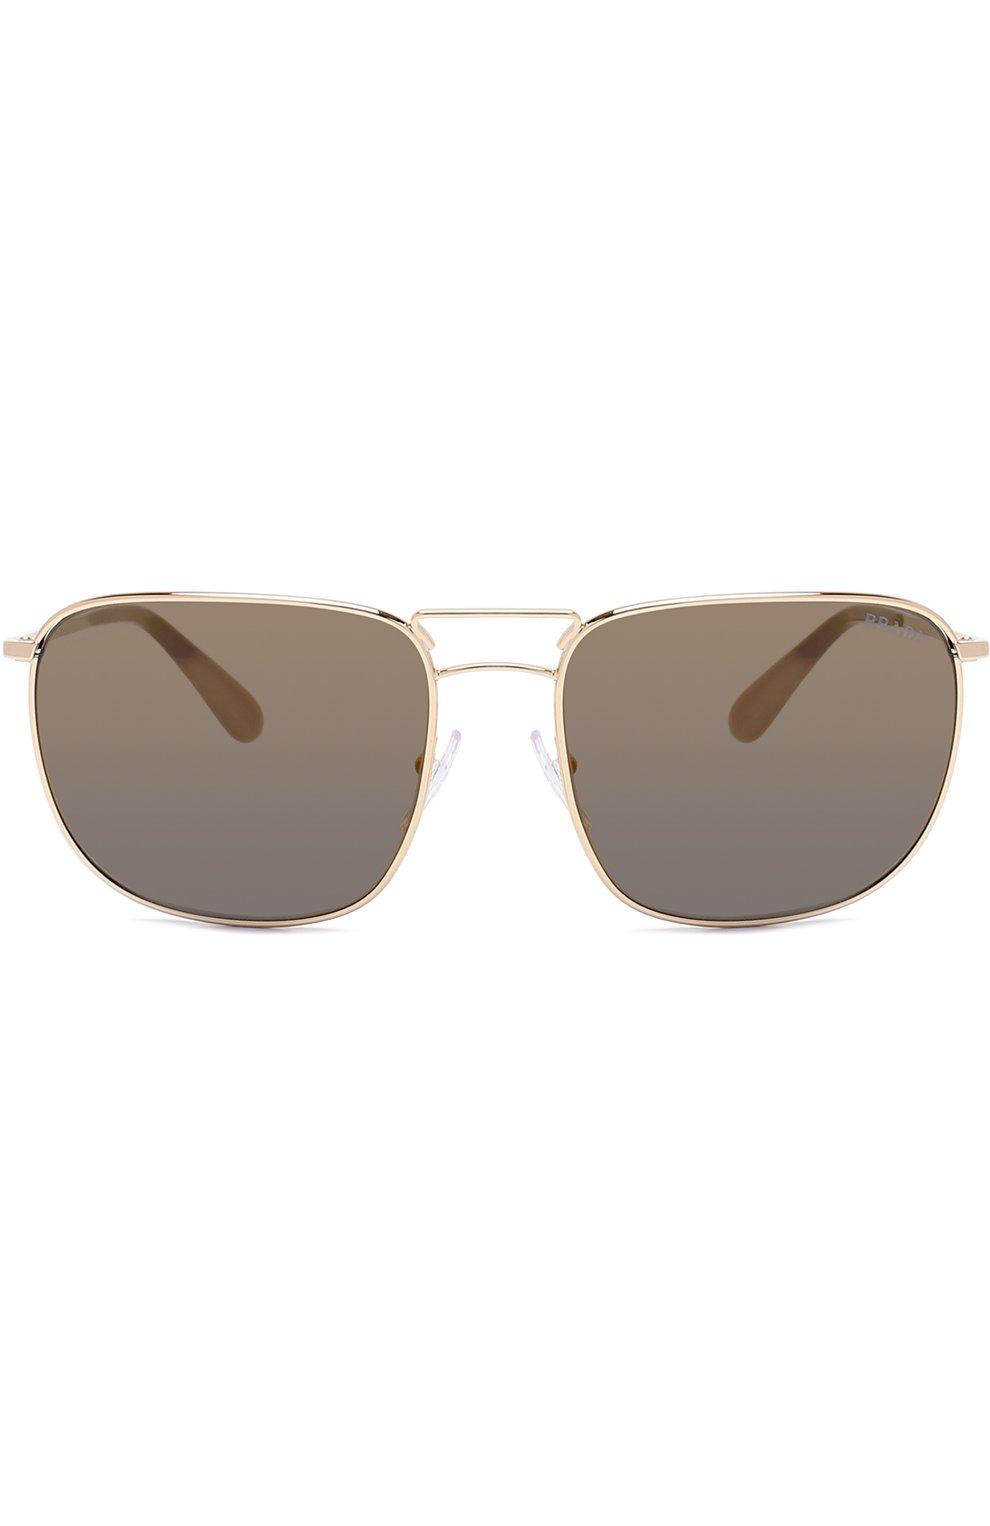 Женские солнцезащитные очки PRADA золотого цвета, арт. 52TS-5AK4L0 | Фото 2